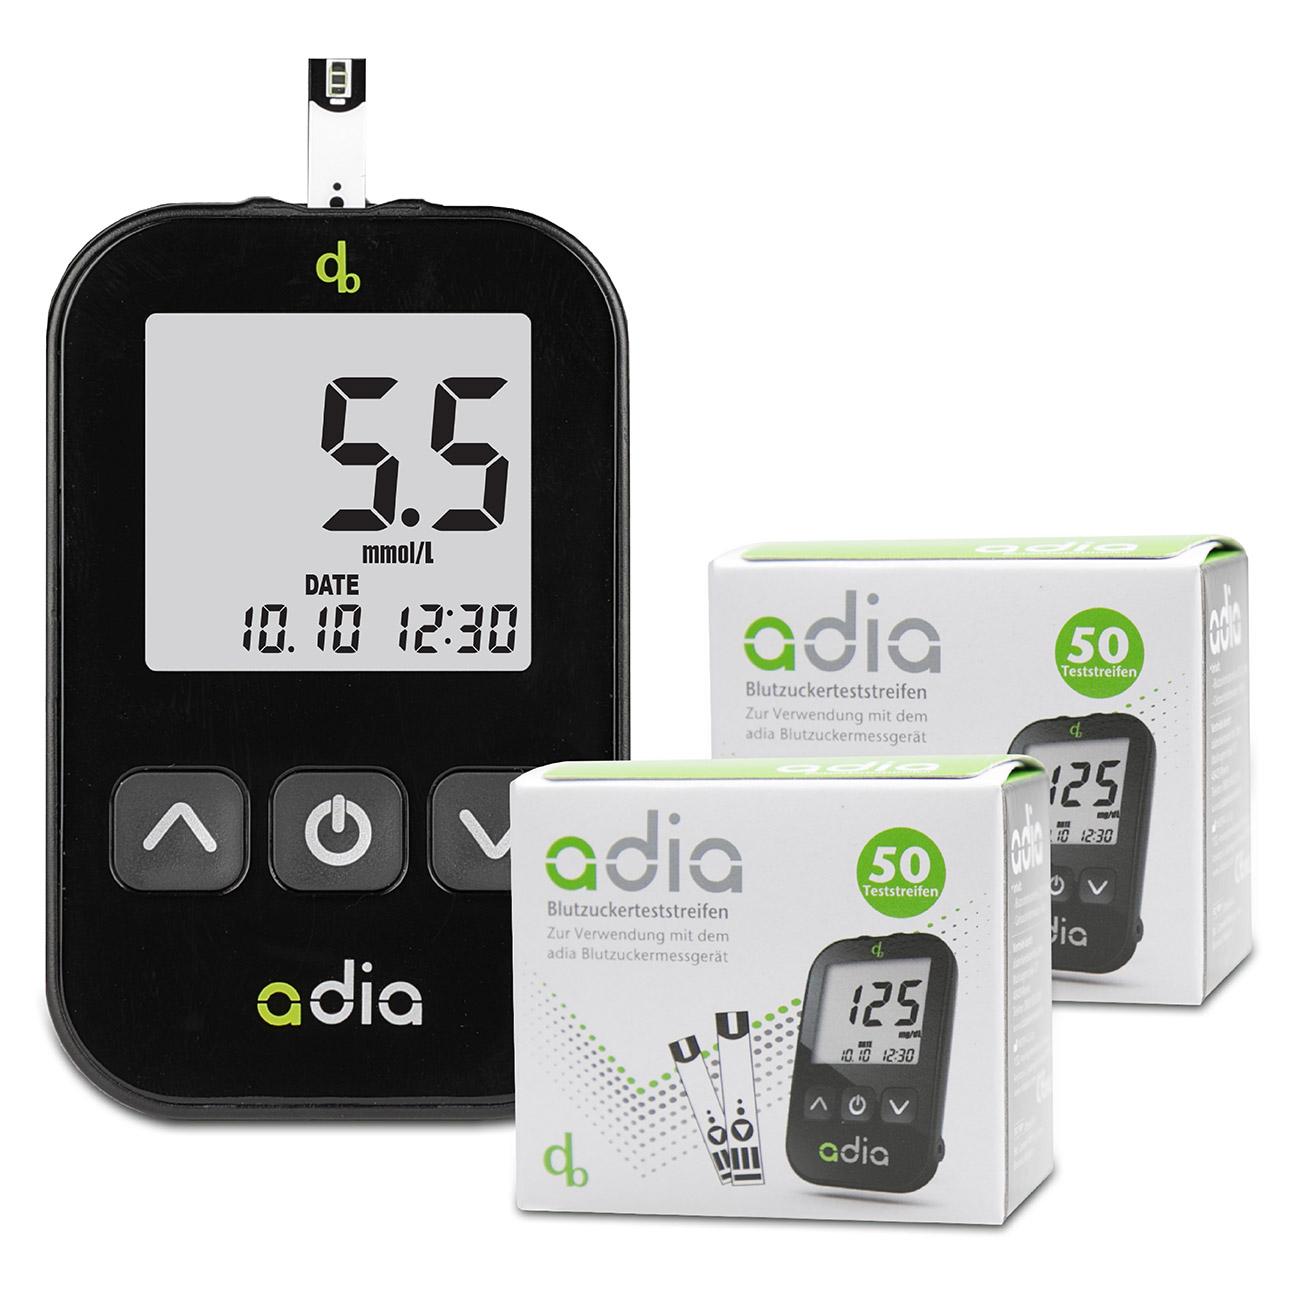 adia Starter-Set mit 110 Blutzuckerteststreifen  mmol/l